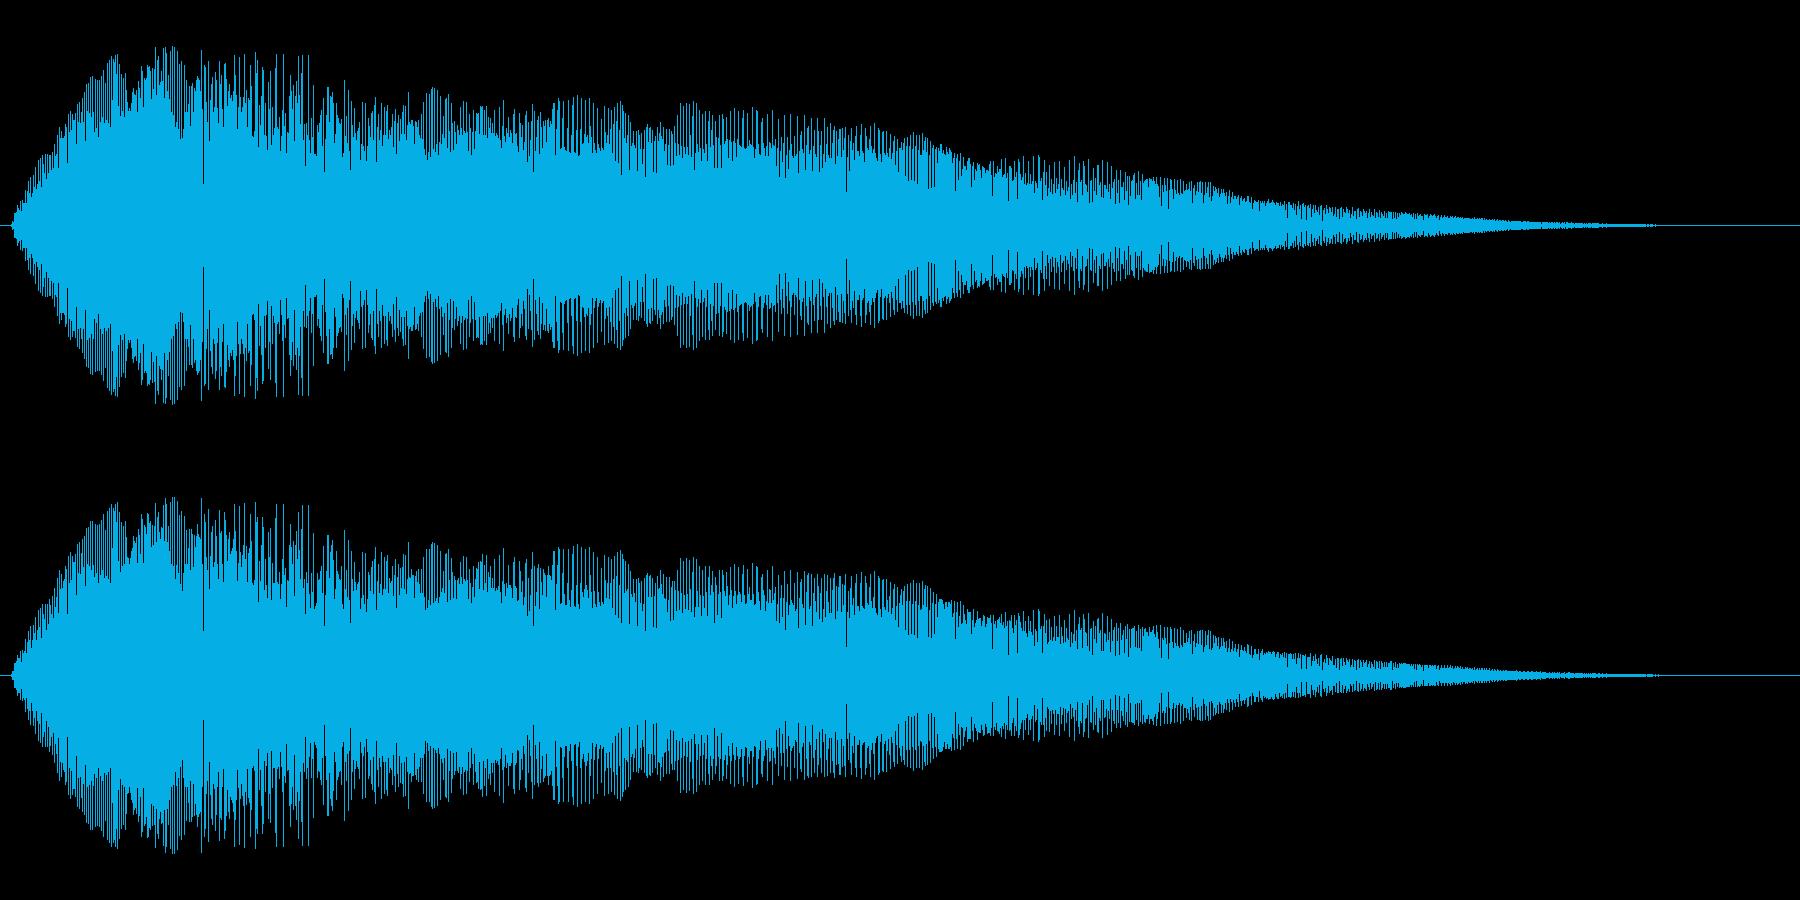 ピヨヨヨョ〜ン(上下あり)の再生済みの波形